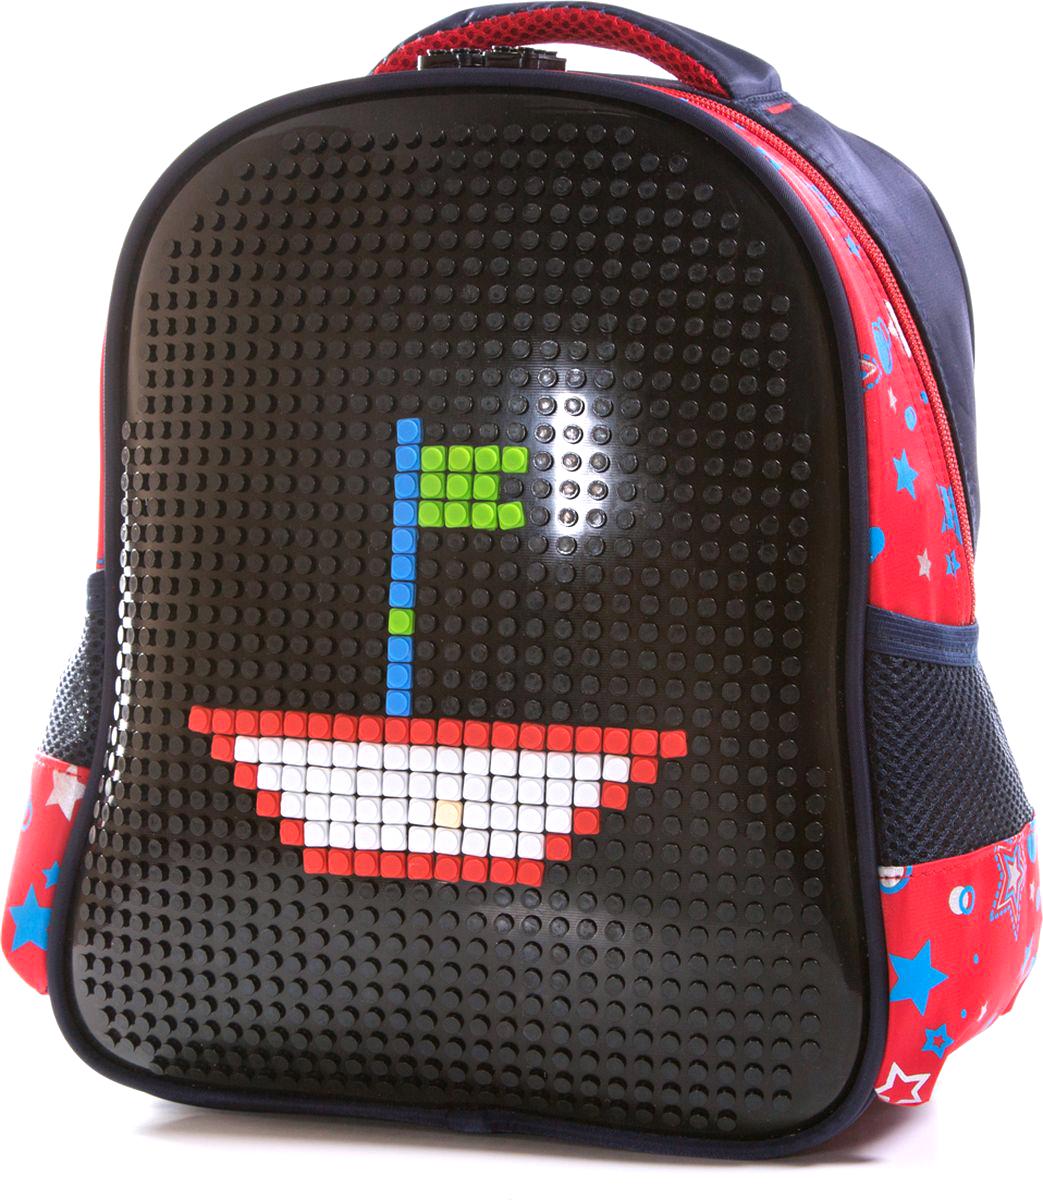 Vittorio Richi Рюкзак цвет черный красный K07R88805K07R88805Рюкзак Vittorio Richi с набором пикселей в комплекте выполнен из водоотталкивающей и износостойкой ткани.Рюкзак имеет укрепленную спинку, эластичные широкие лямки.Изделие имеет одно основное отделение на застежке-молнии и два открытых кармашка по бокам. Внутри рюкзака находится дополнительный карман для мелочей.